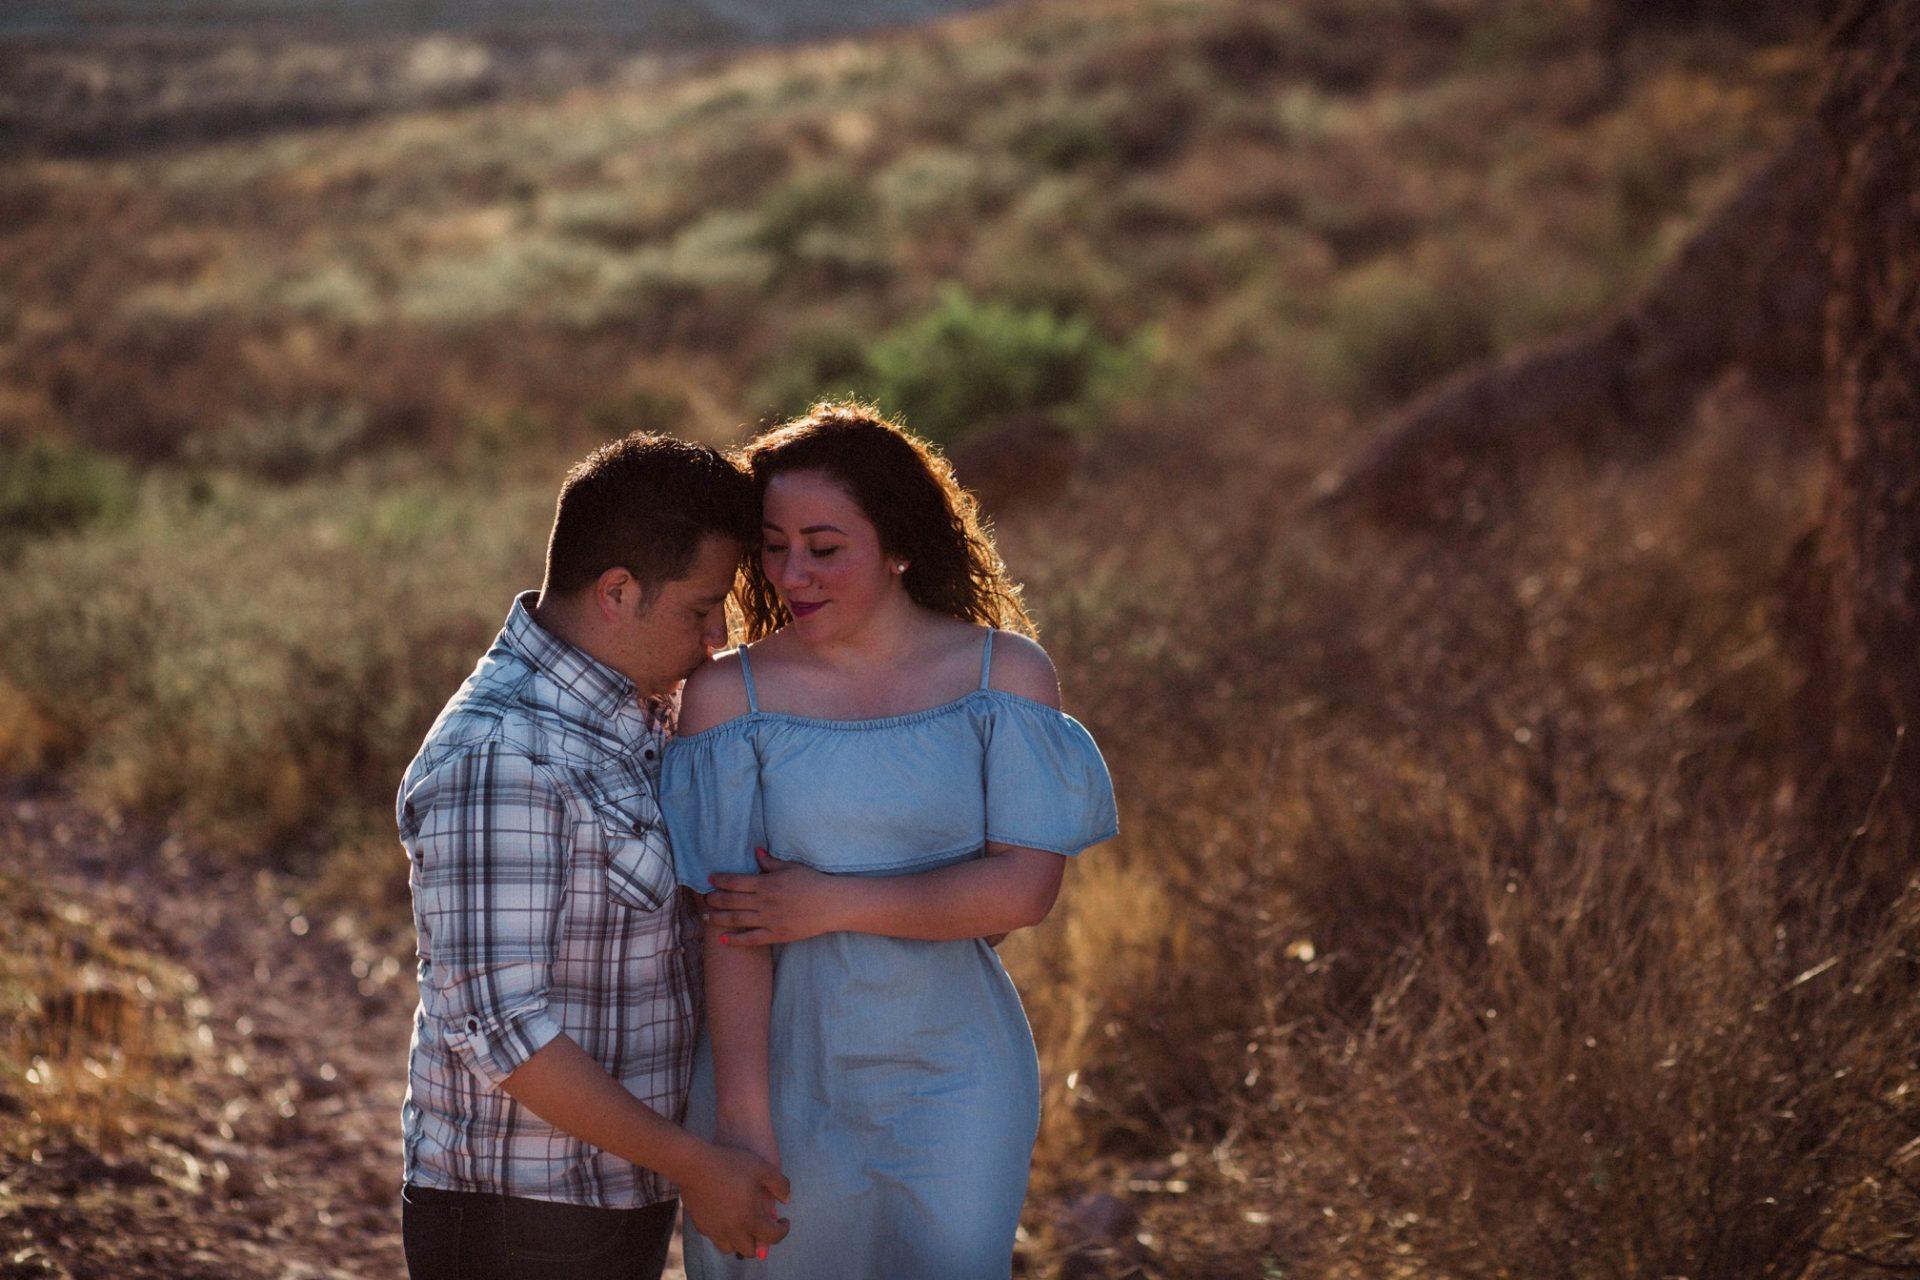 fotografo_profesional_zacatecas_chihuahua_save_the_date_el_rejon-13